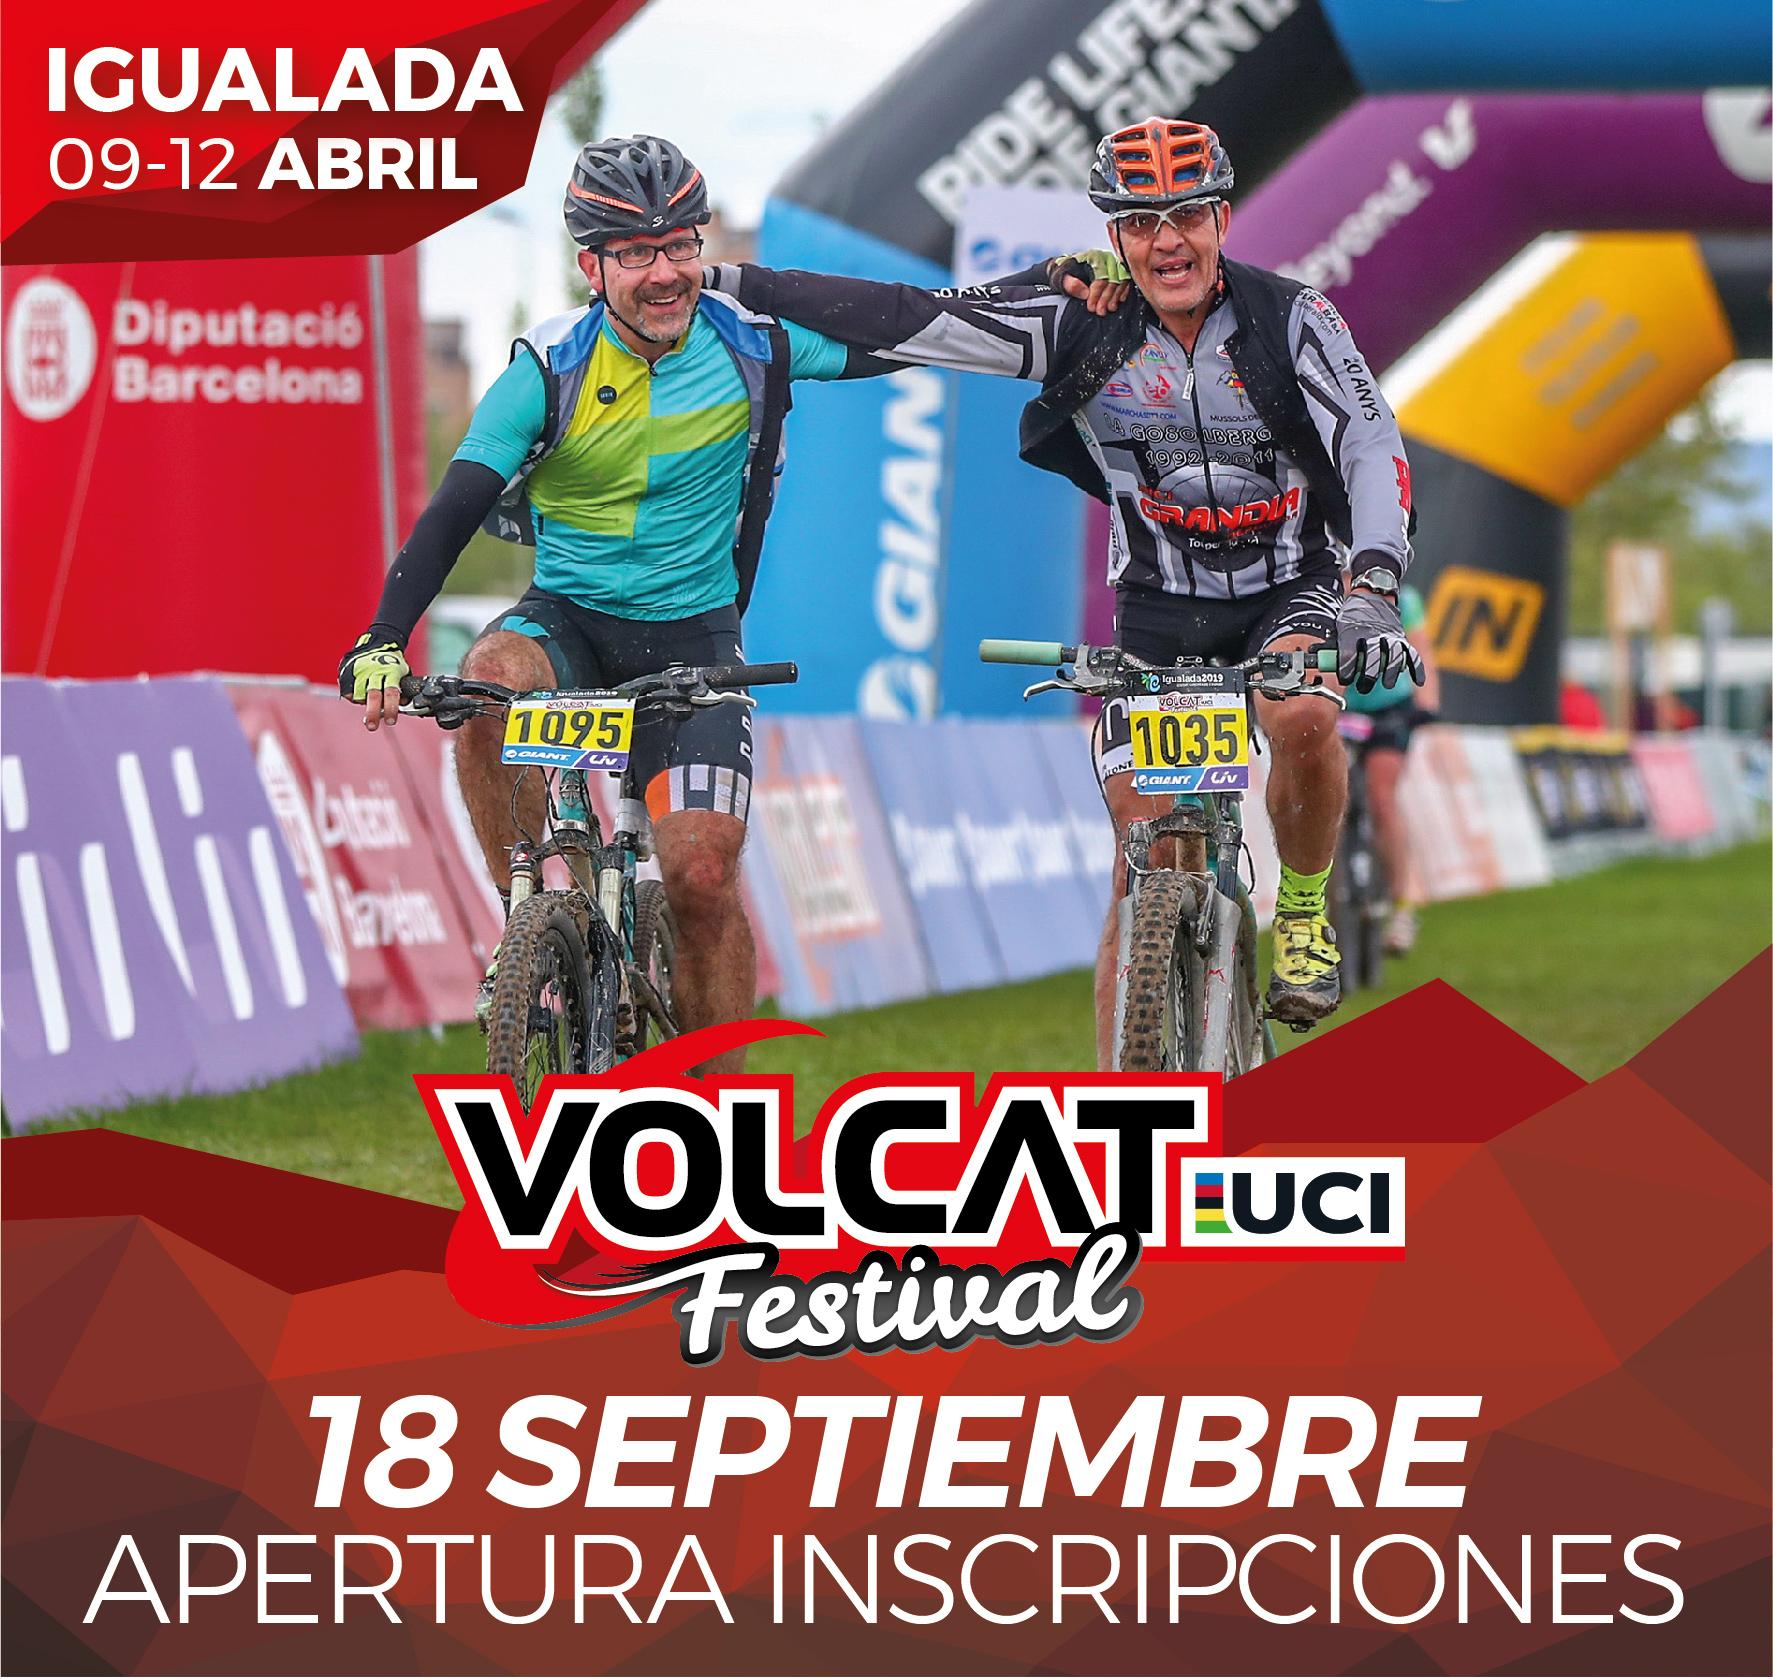 VOLCAT FESTIVAL 2020 ABRE INSCRIPCIONES EL 18 DE SEPTIEMBRE